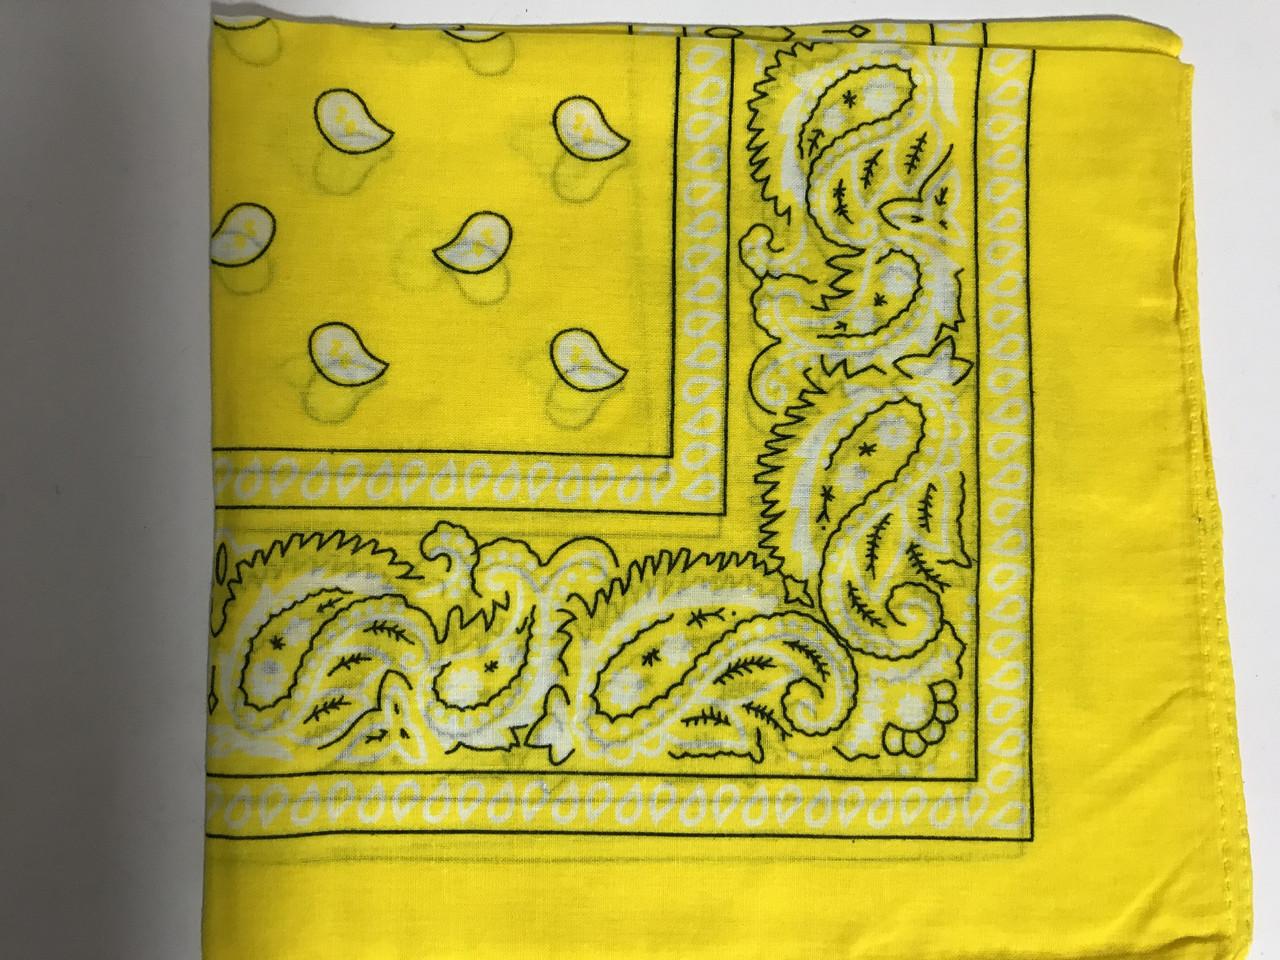 Летняя бандана платок из хлопка цвет желтый и бежевый 55 х 55 см